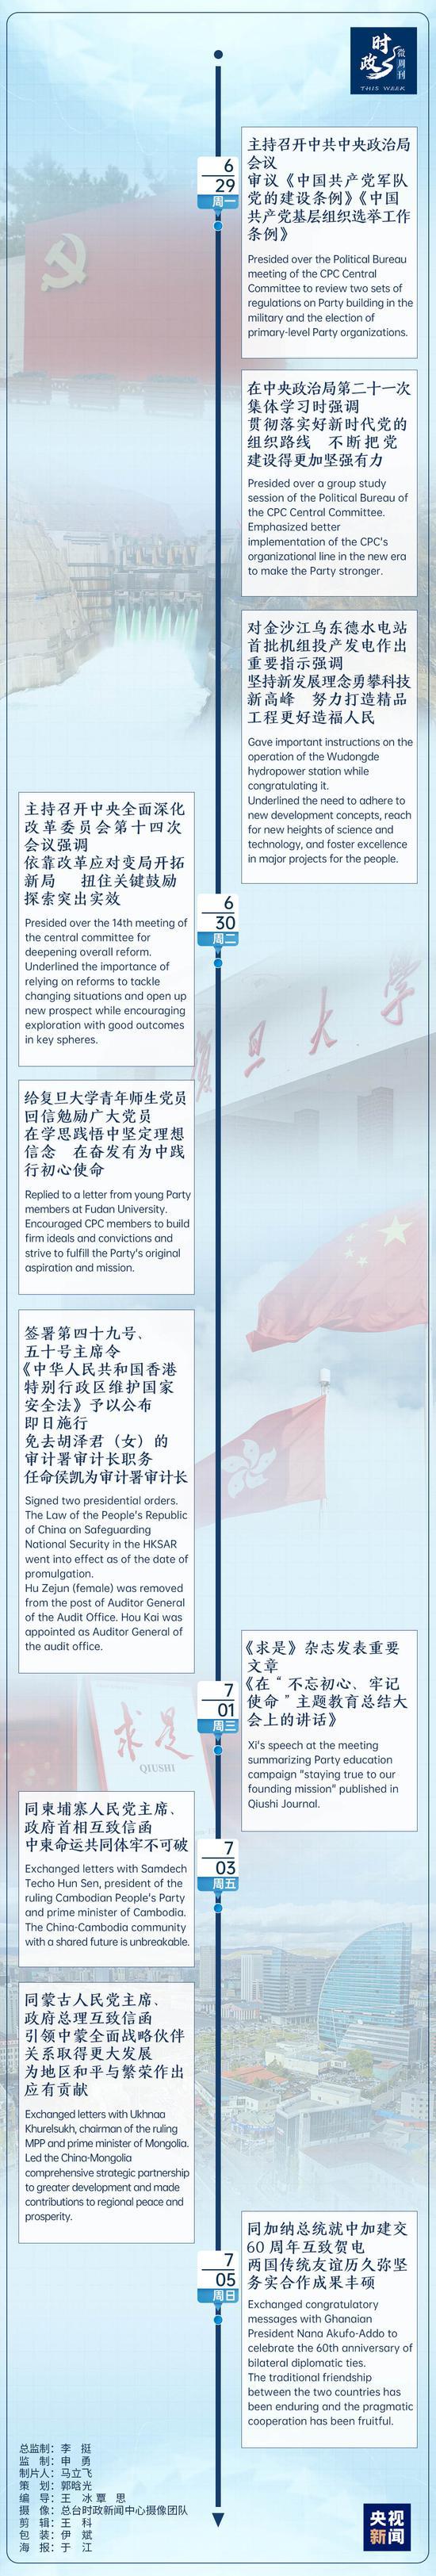 习近平的一周(6月29日—7月5日)图片